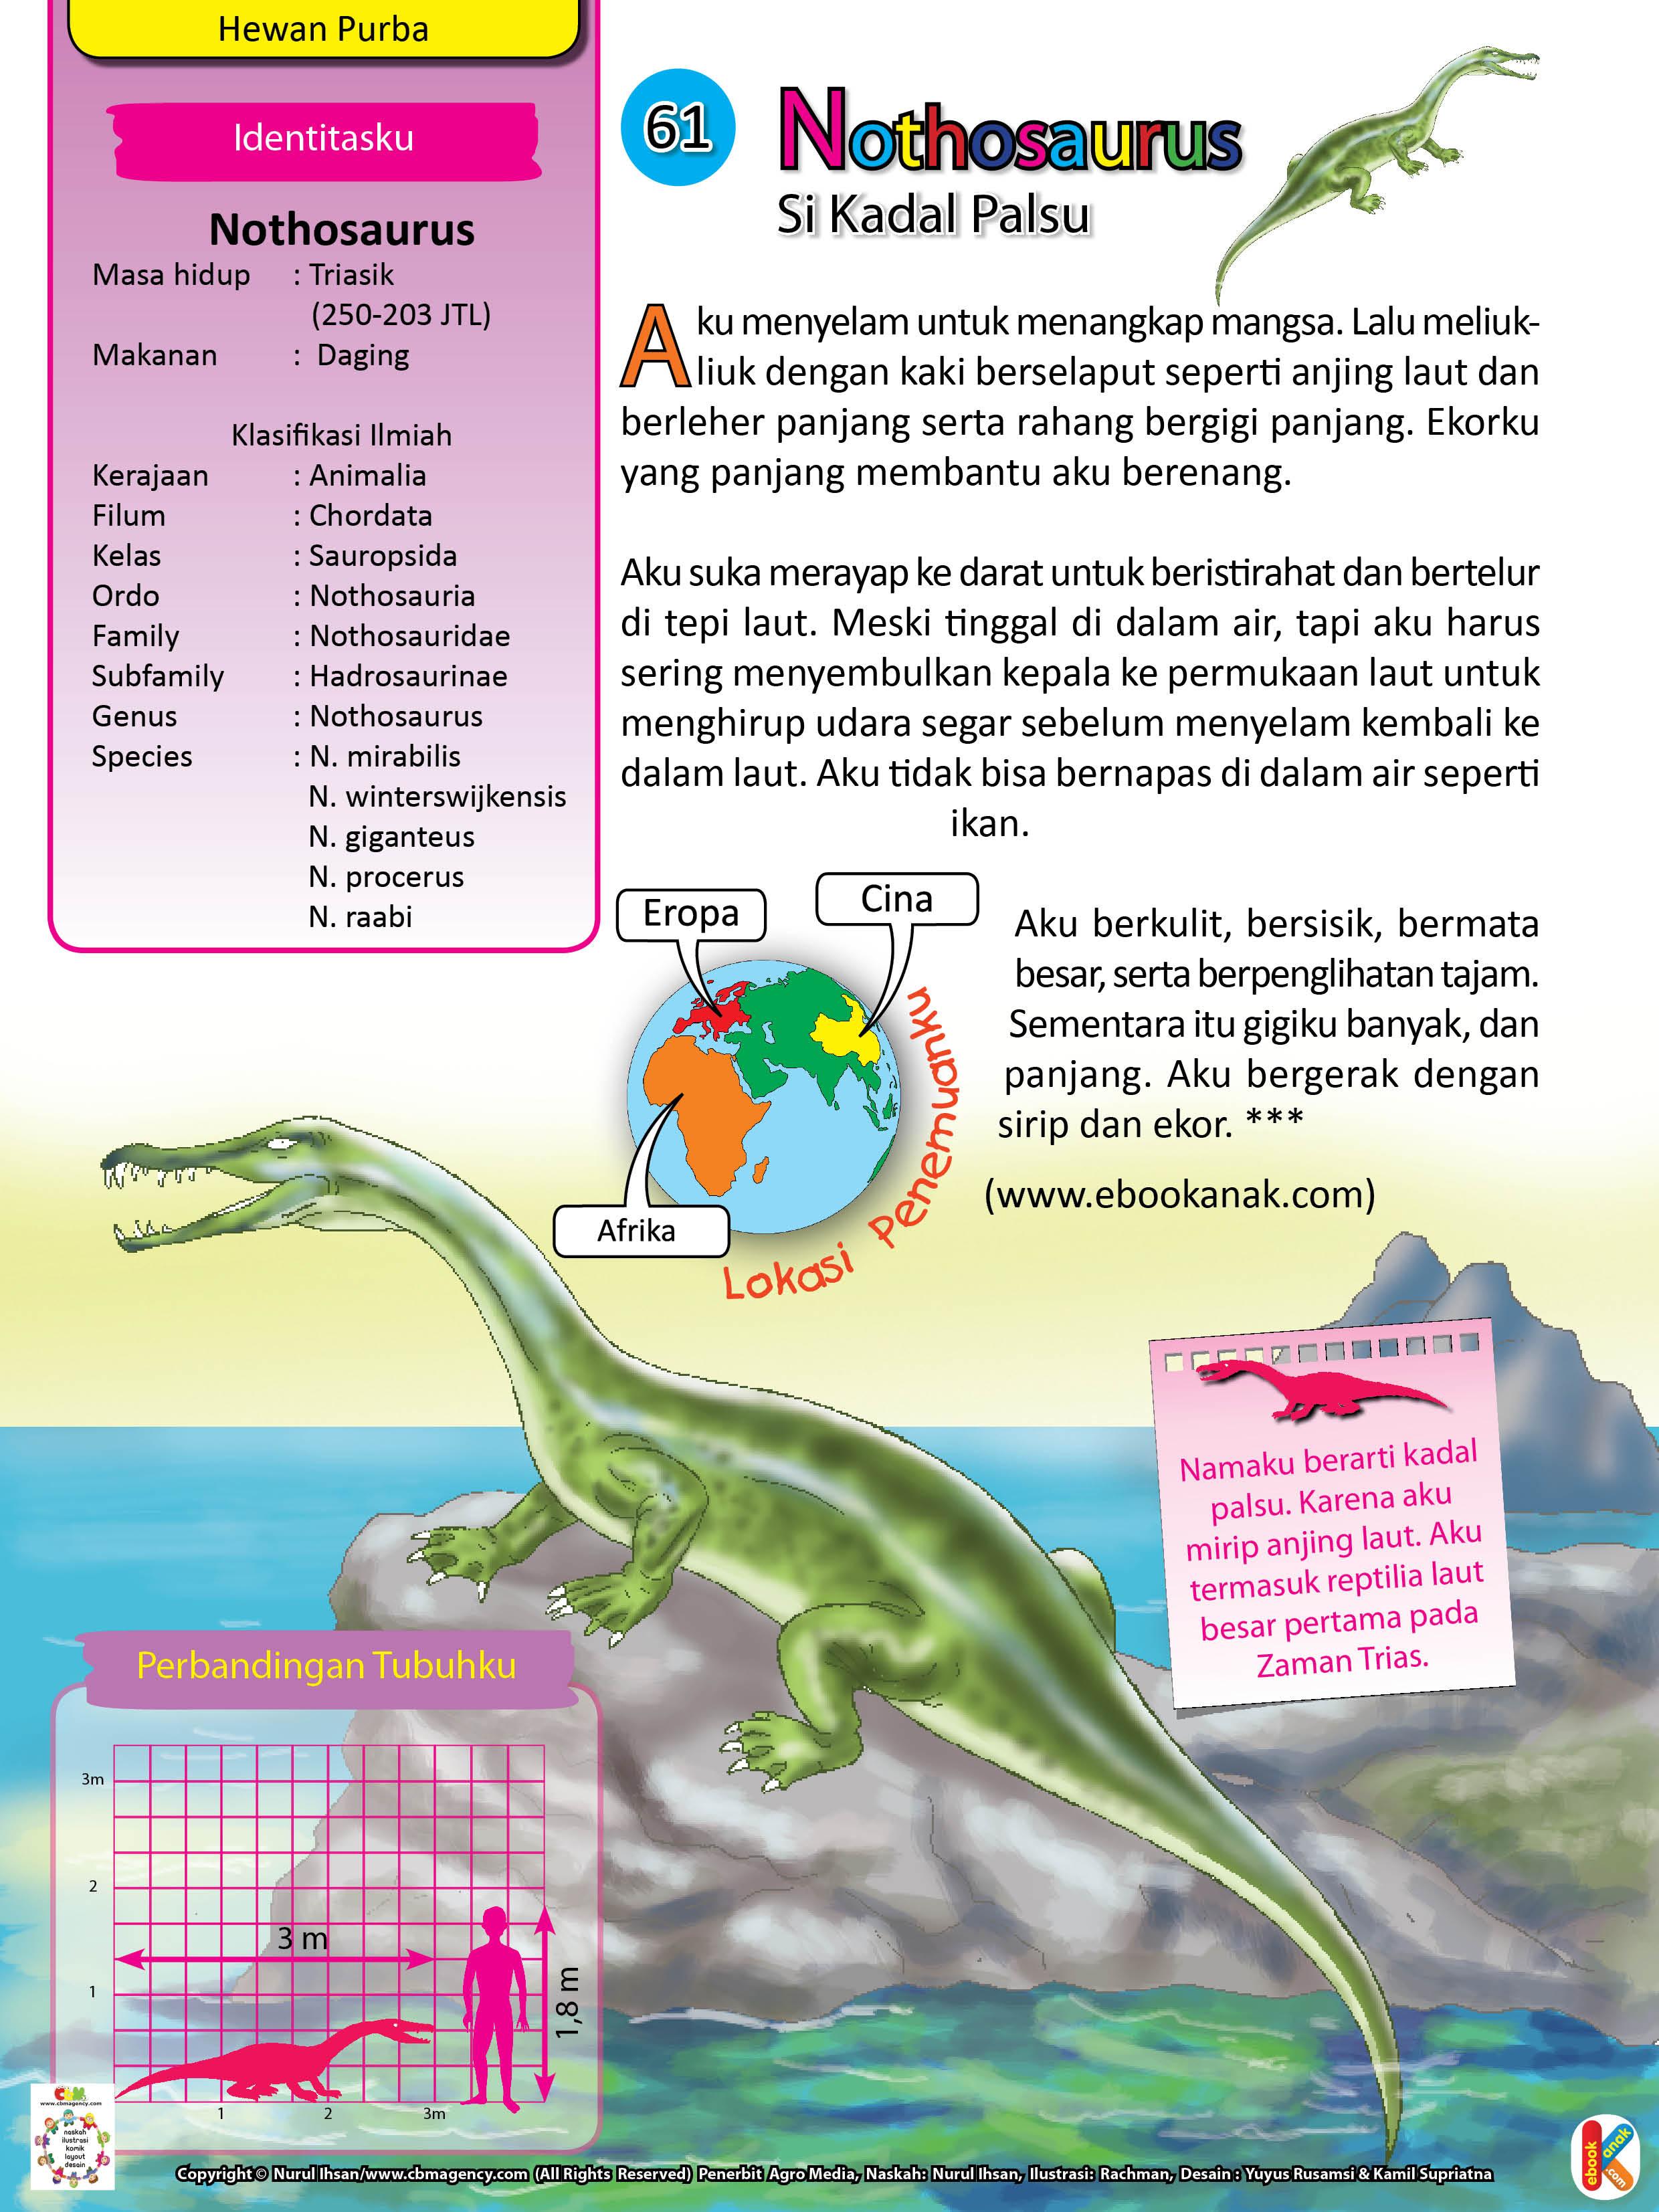 Ekor Nothosaurus yang panjang membantunya berenang.